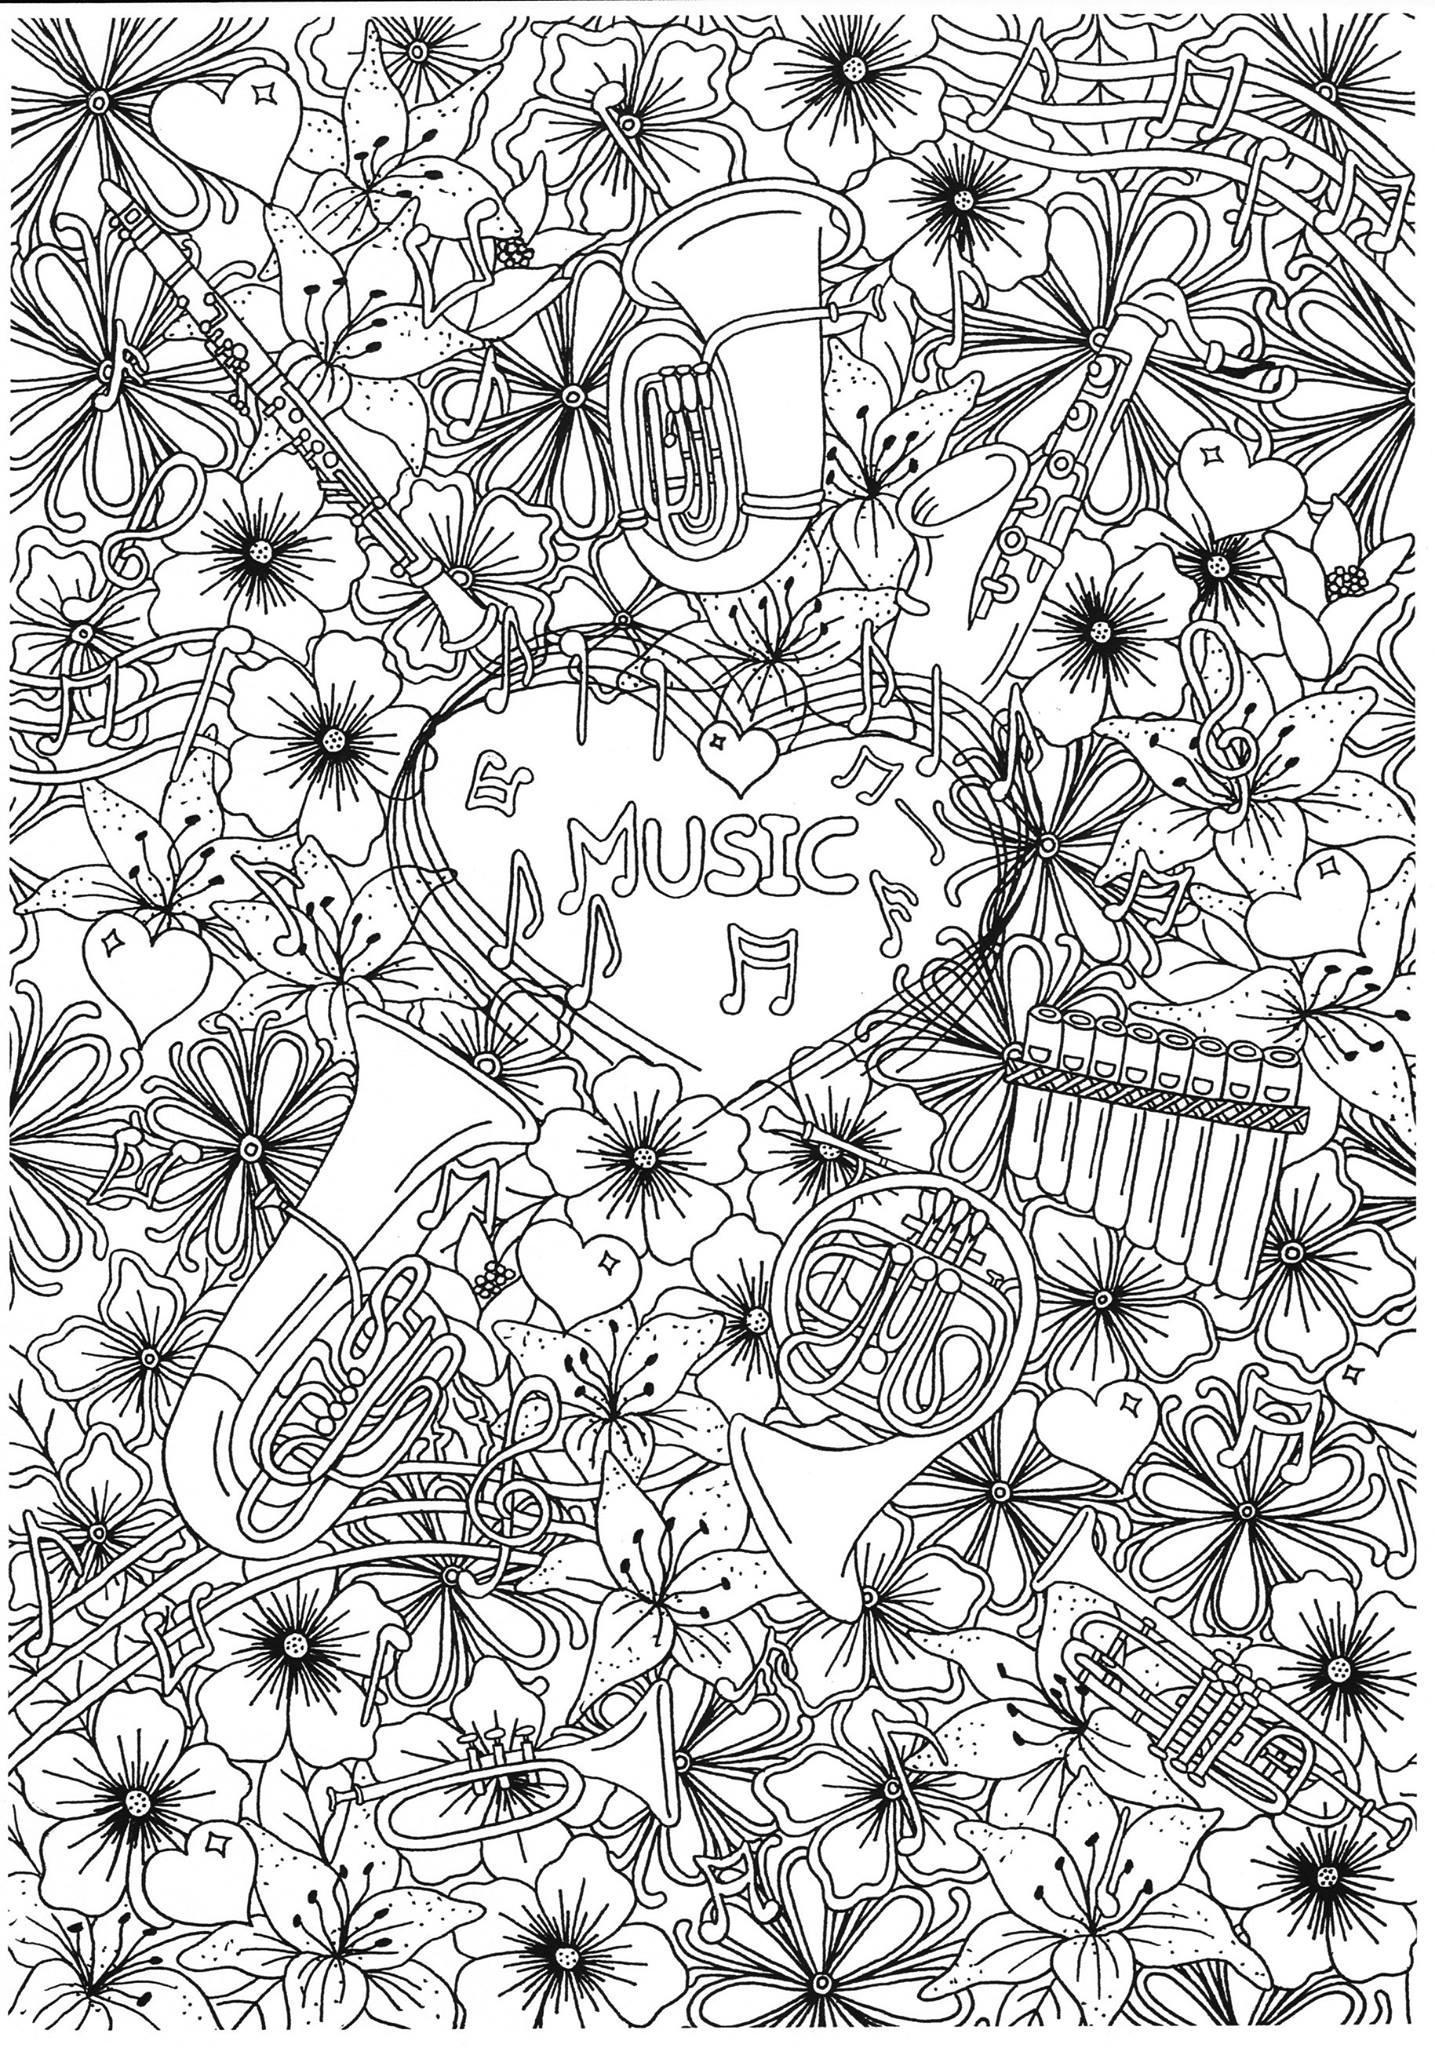 Disegno Da Colorare Strumenti Musicali A Fiato Disegni Da Colorare E Stampare Gratis Imm 31286